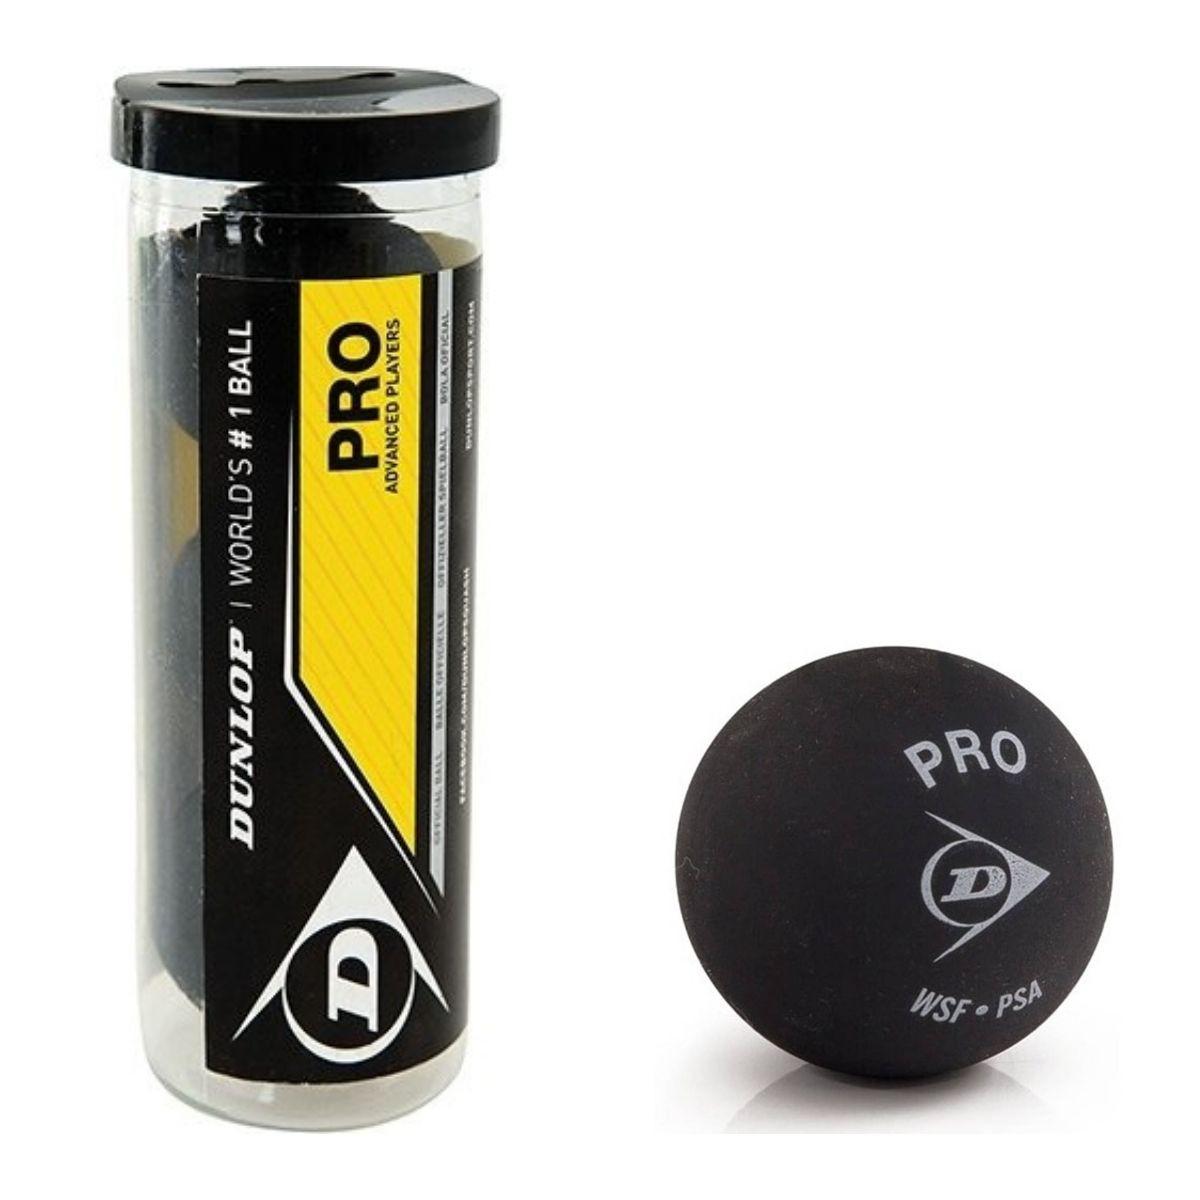 Bola De Squash Dunlop Revelation Pro Xx Tubo 3 bolas